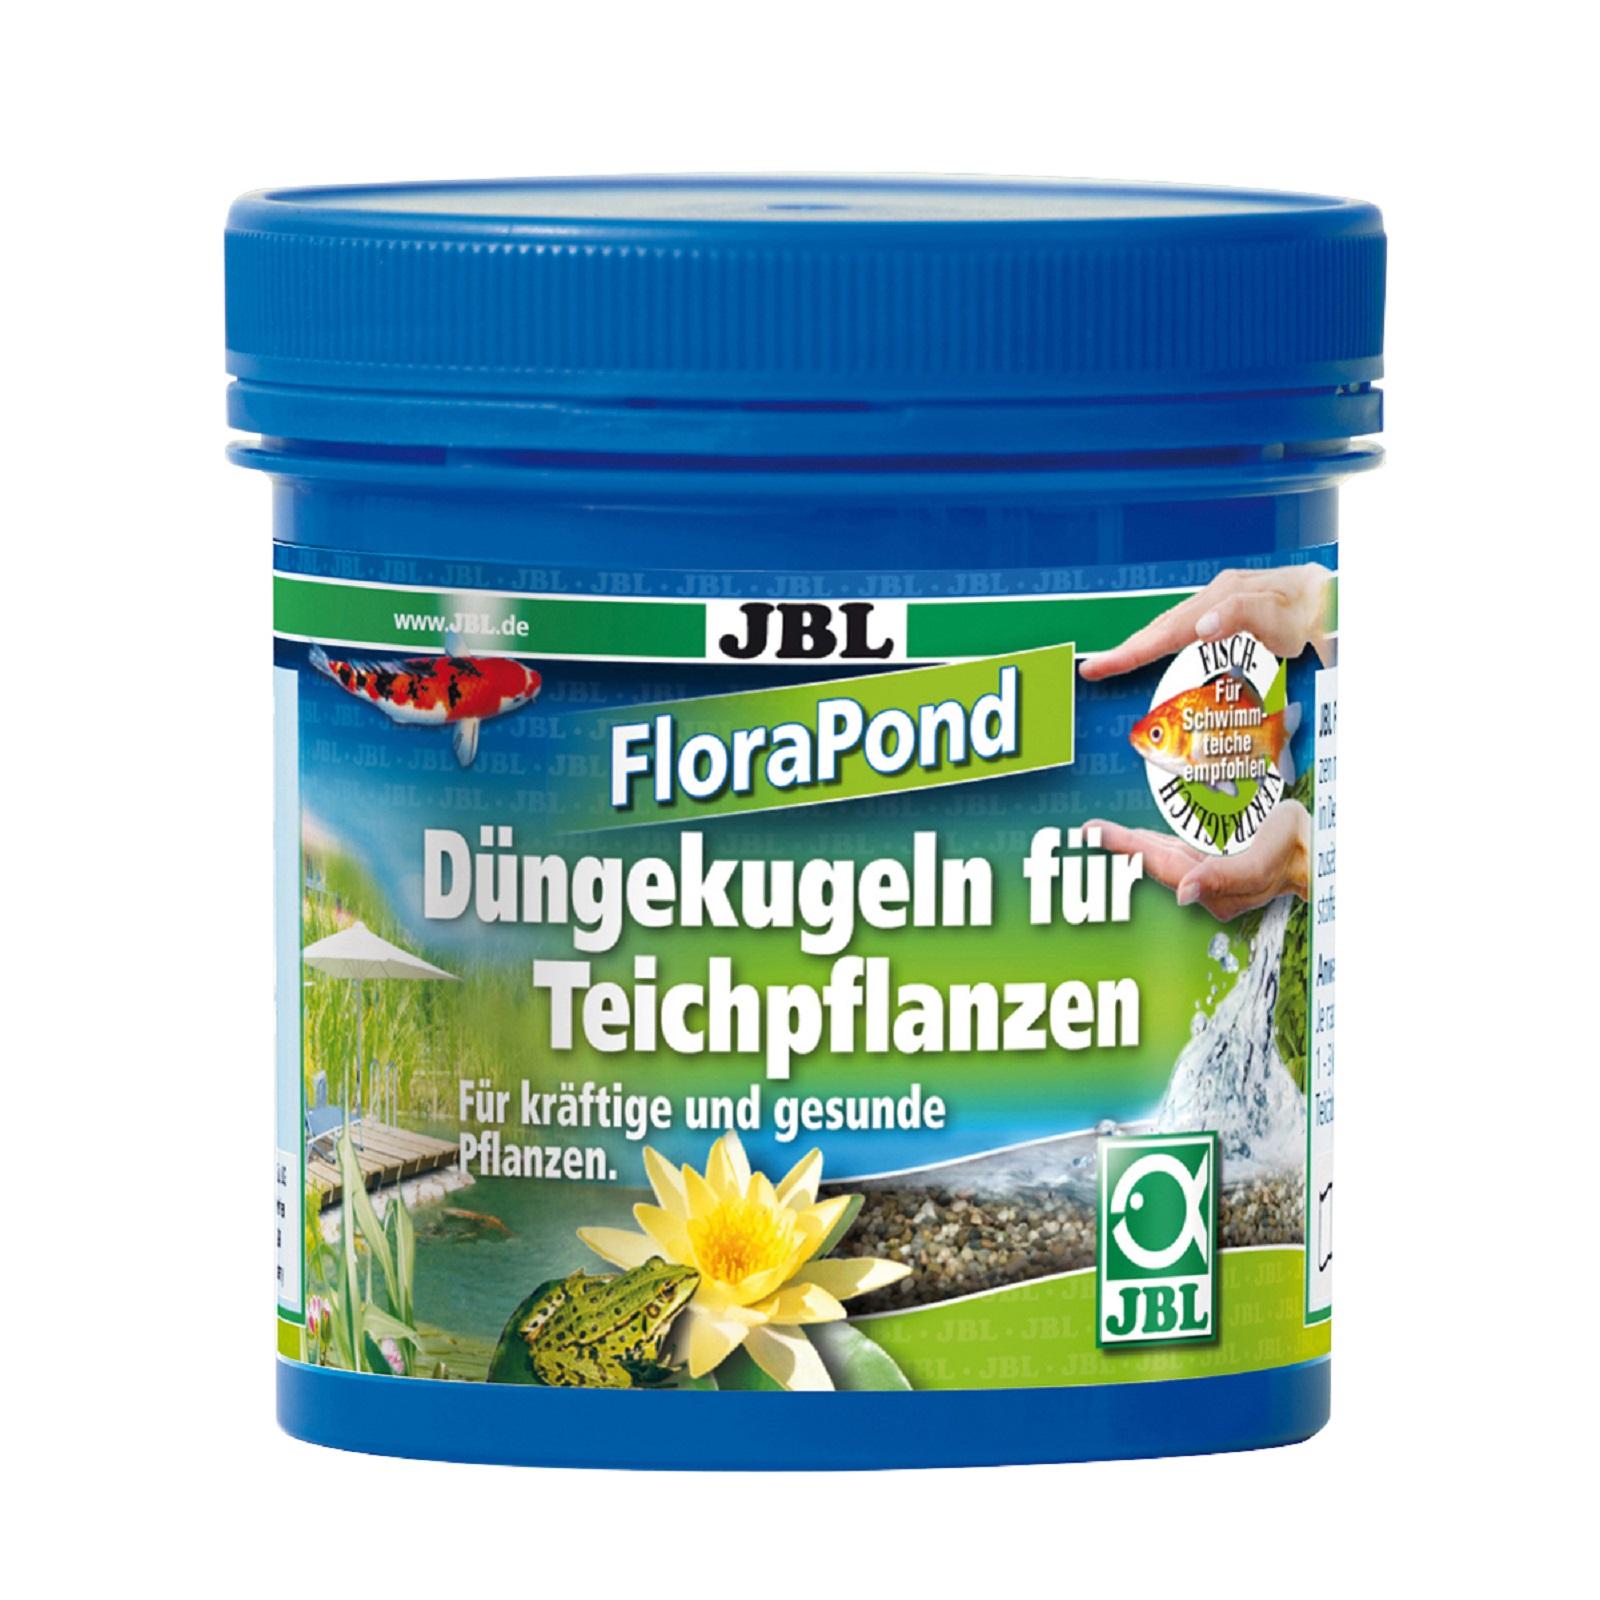 JBL Flora Pond 8 Kugeln 30 mm Durchmesser - Düngekugeln für Teichpflanzen